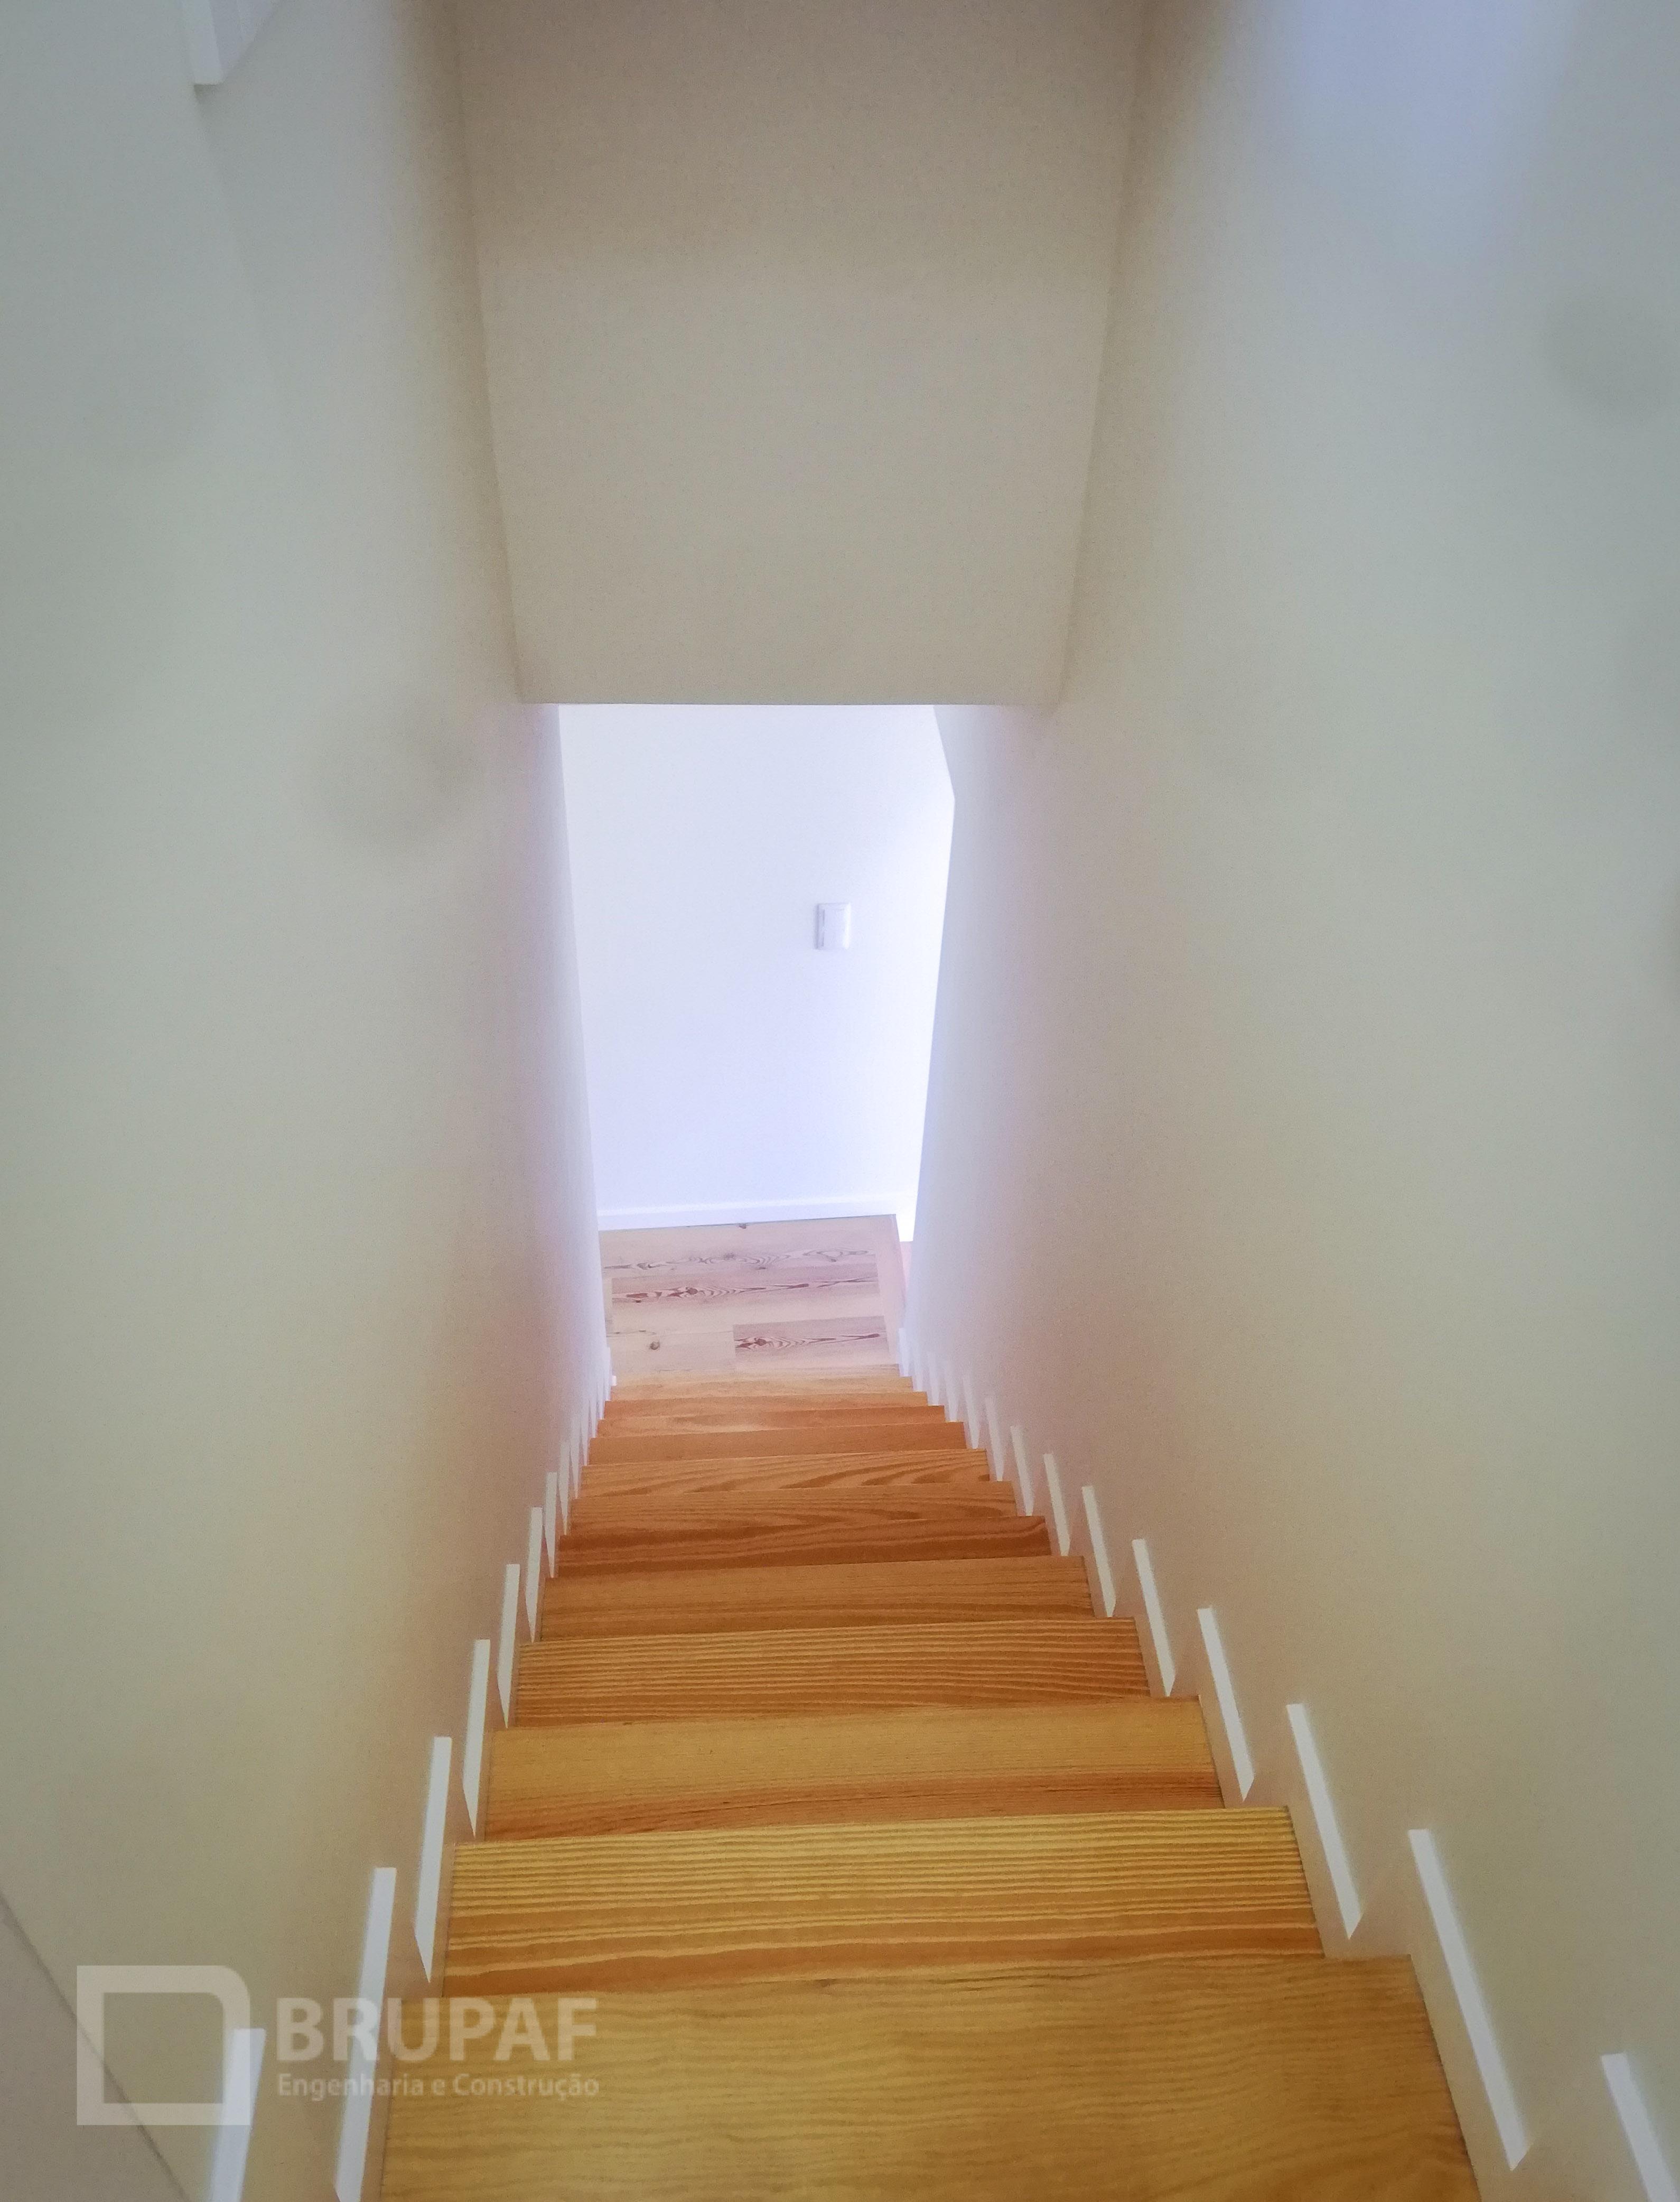 Escadaria - Depois